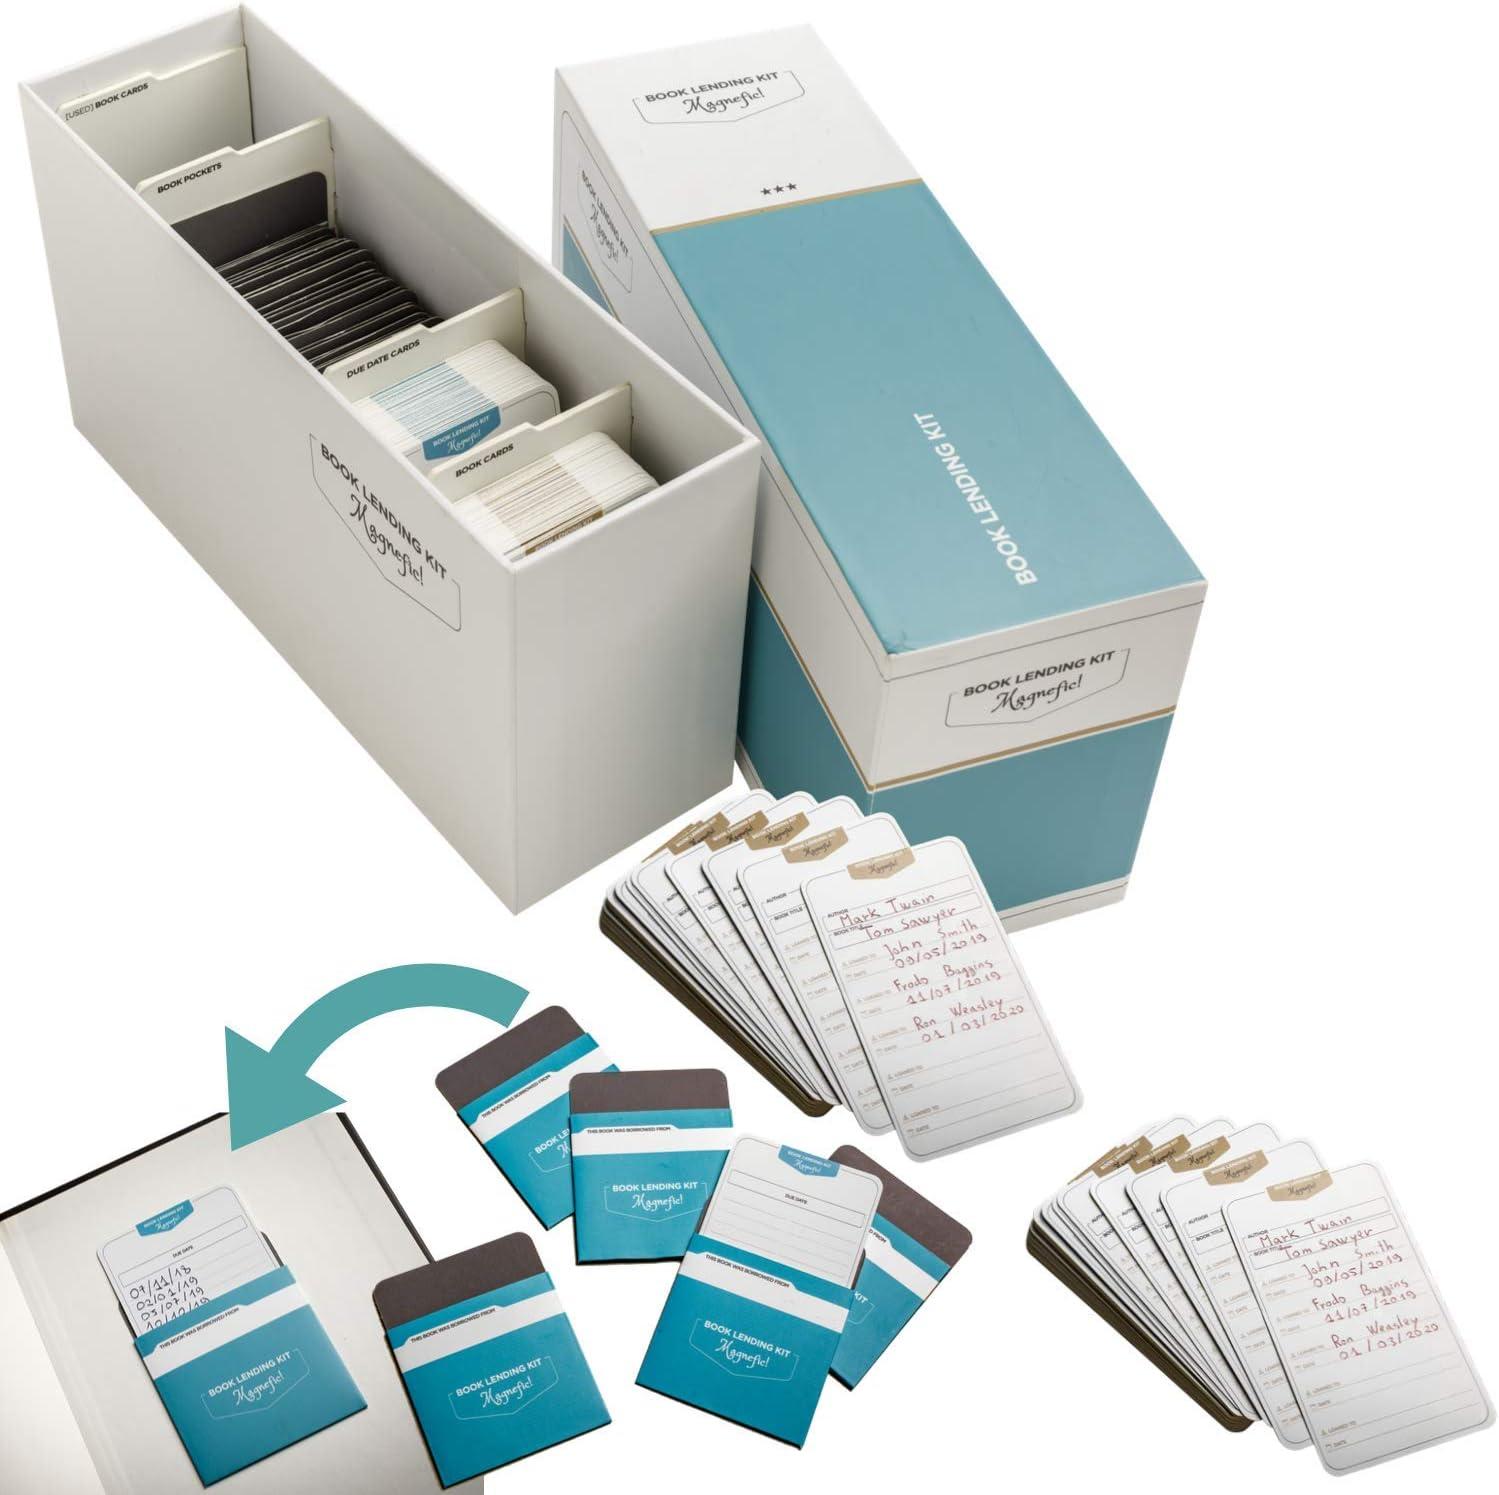 Magnefic - Kit de préstamo de libros, biblioteca personal, seguimiento y organización de catálogos, 50 tarjetas de fecha de vencimiento y bolsillos, ...